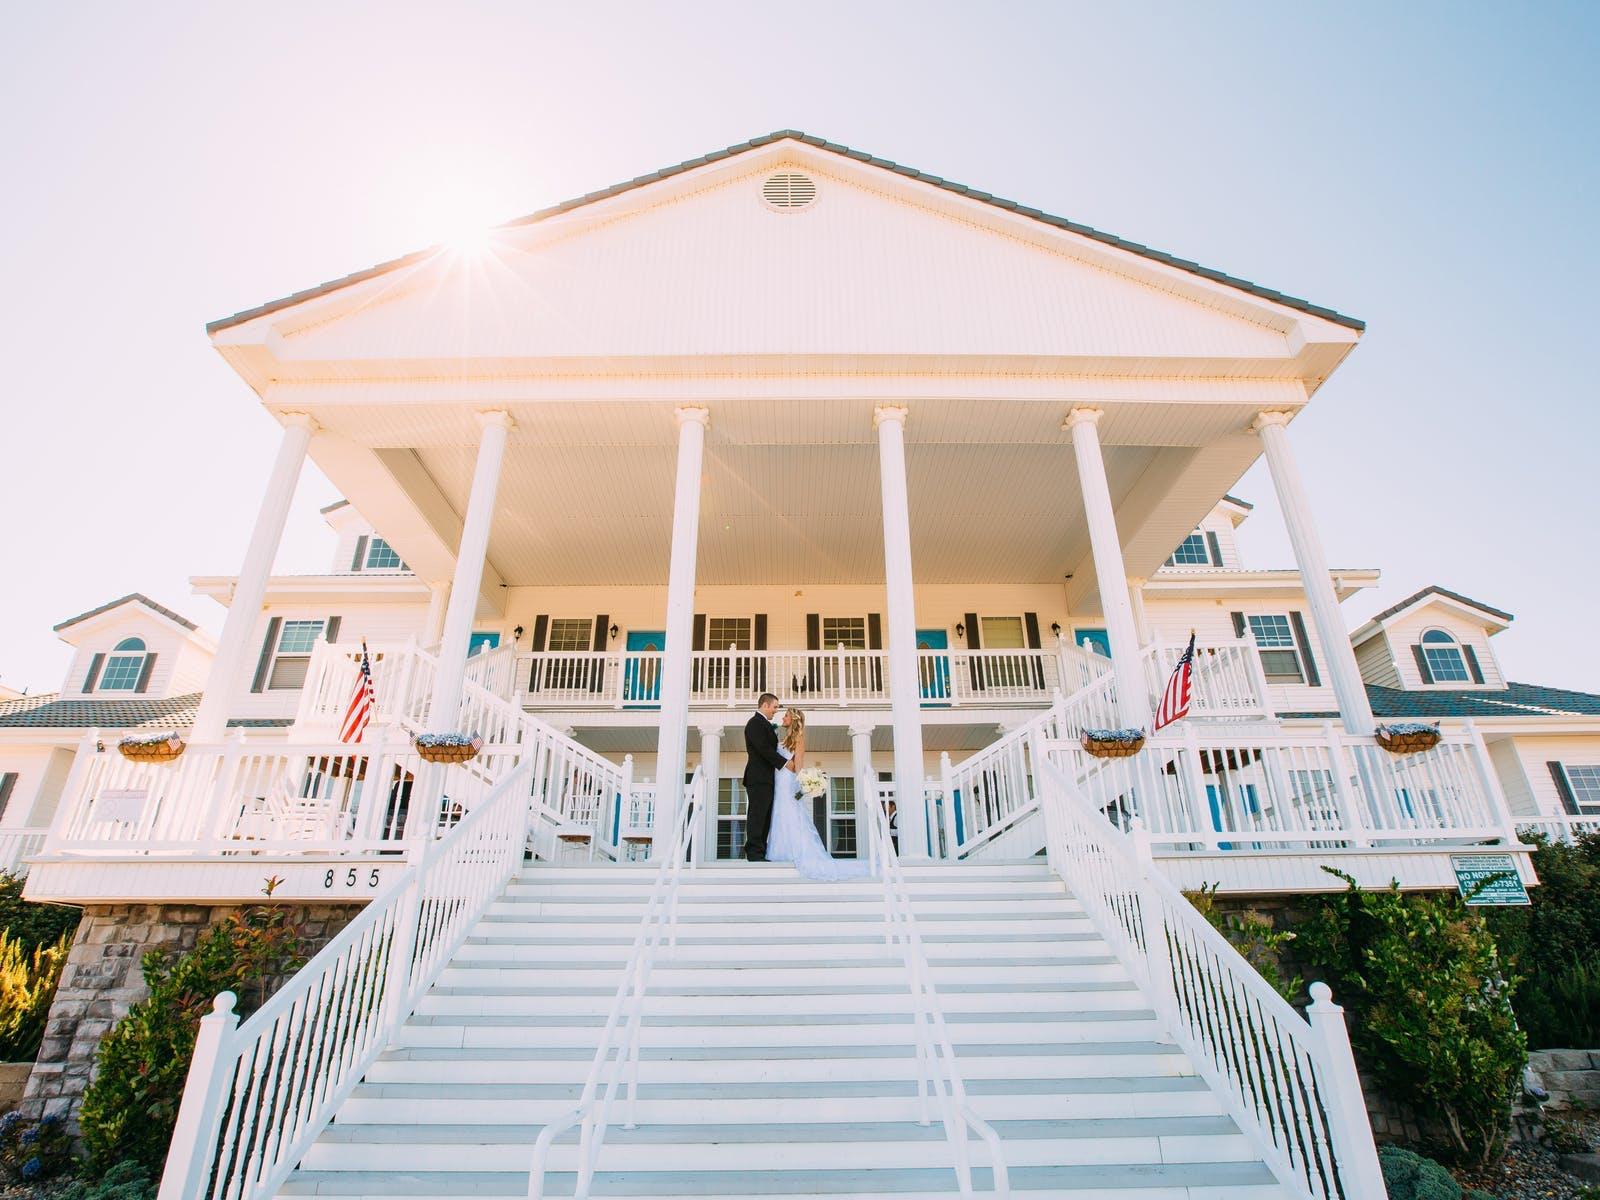 A wedding hosted at a Vacasa vacation rental